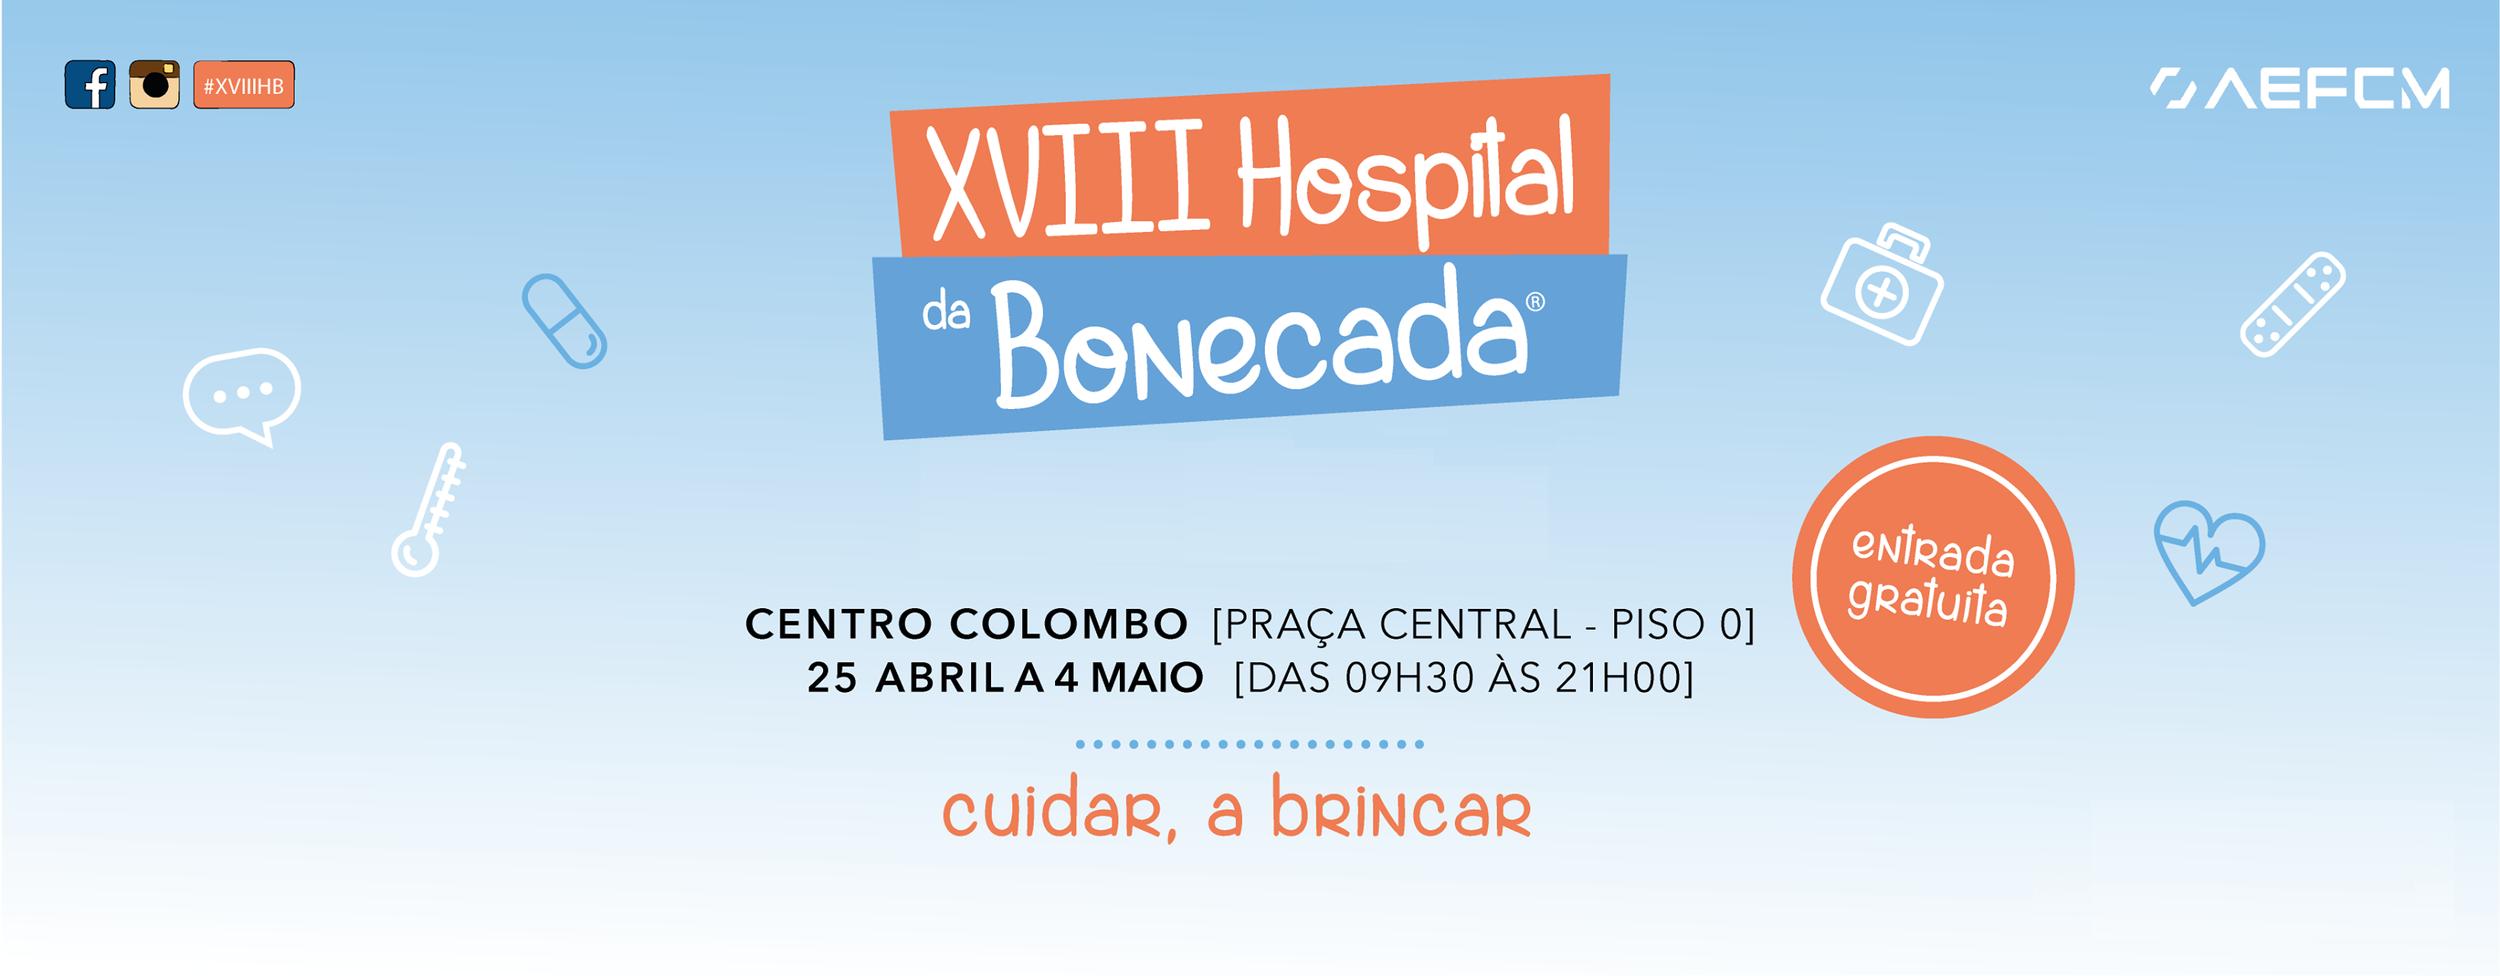 """Hospital da Bonecada no Colombo para cuidar do """"dói-dói"""" enquanto ensina os mais pequeninos"""